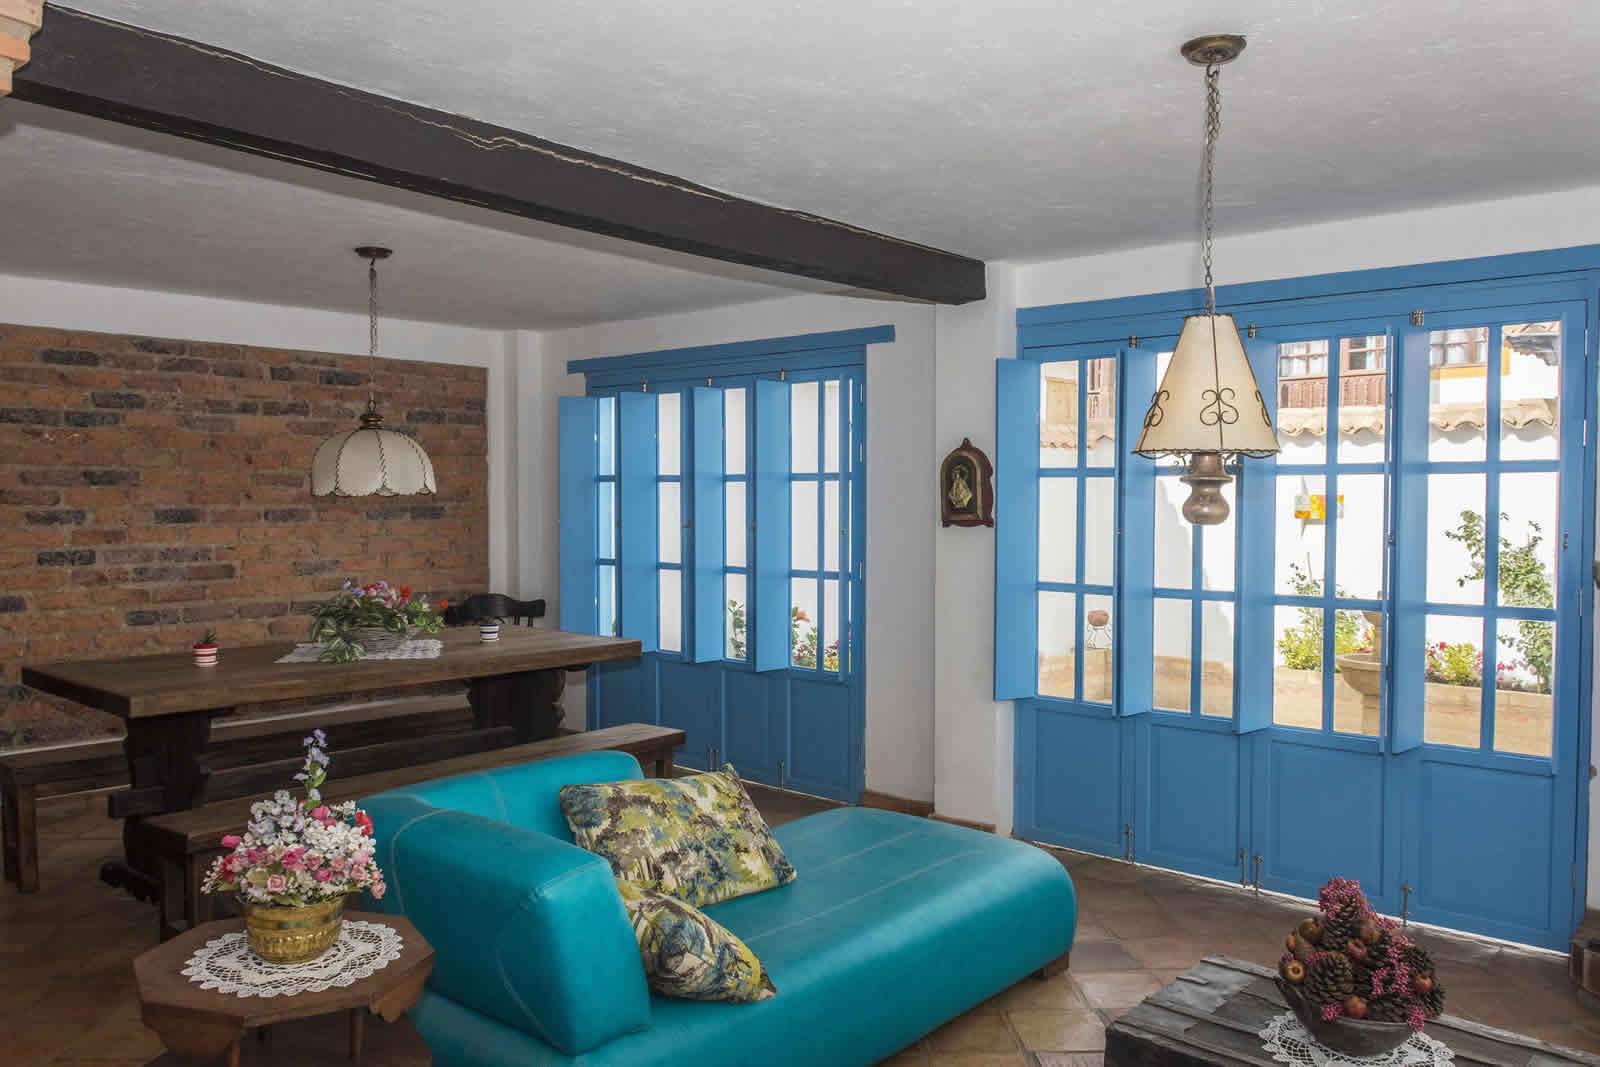 Alquiler Casa Azul en Villa de Leyva sala